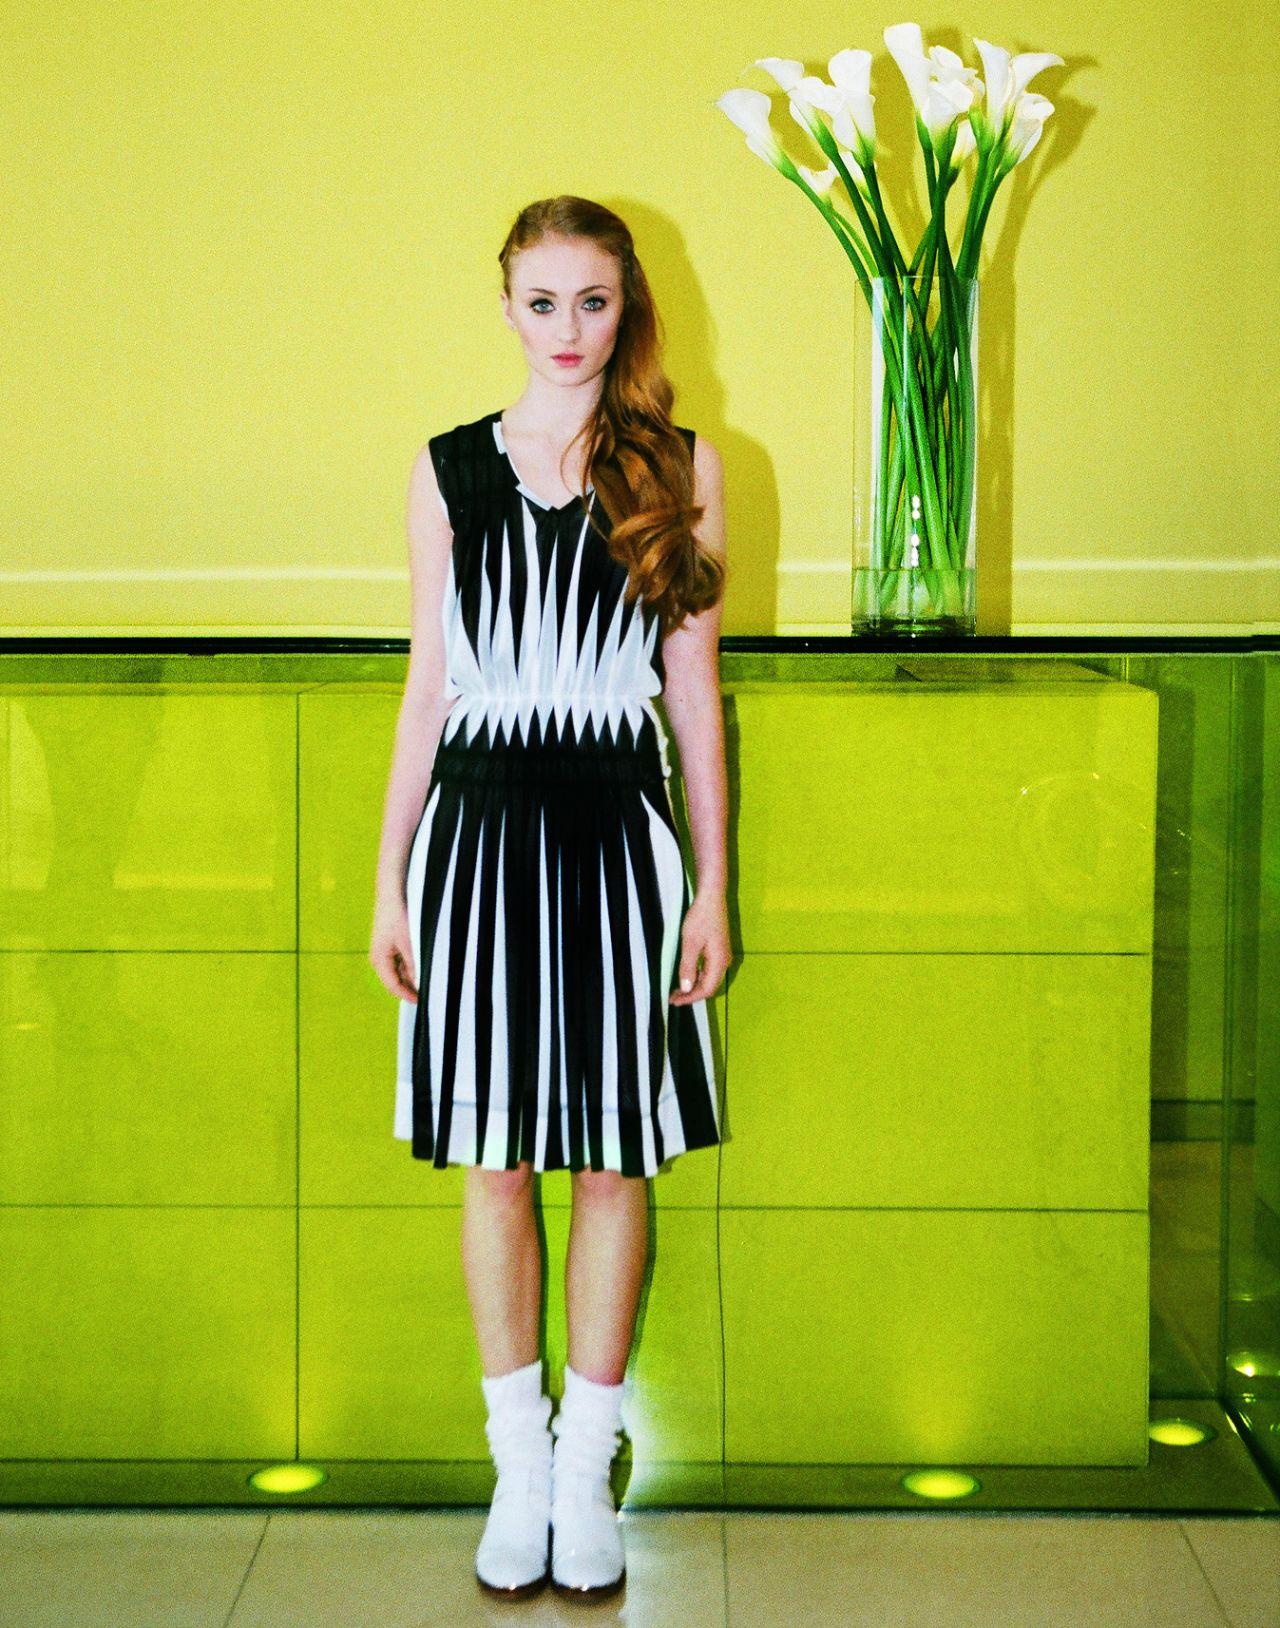 Emma Stone Vanity Fair Photoshoot Sophie Turner - INTERV...